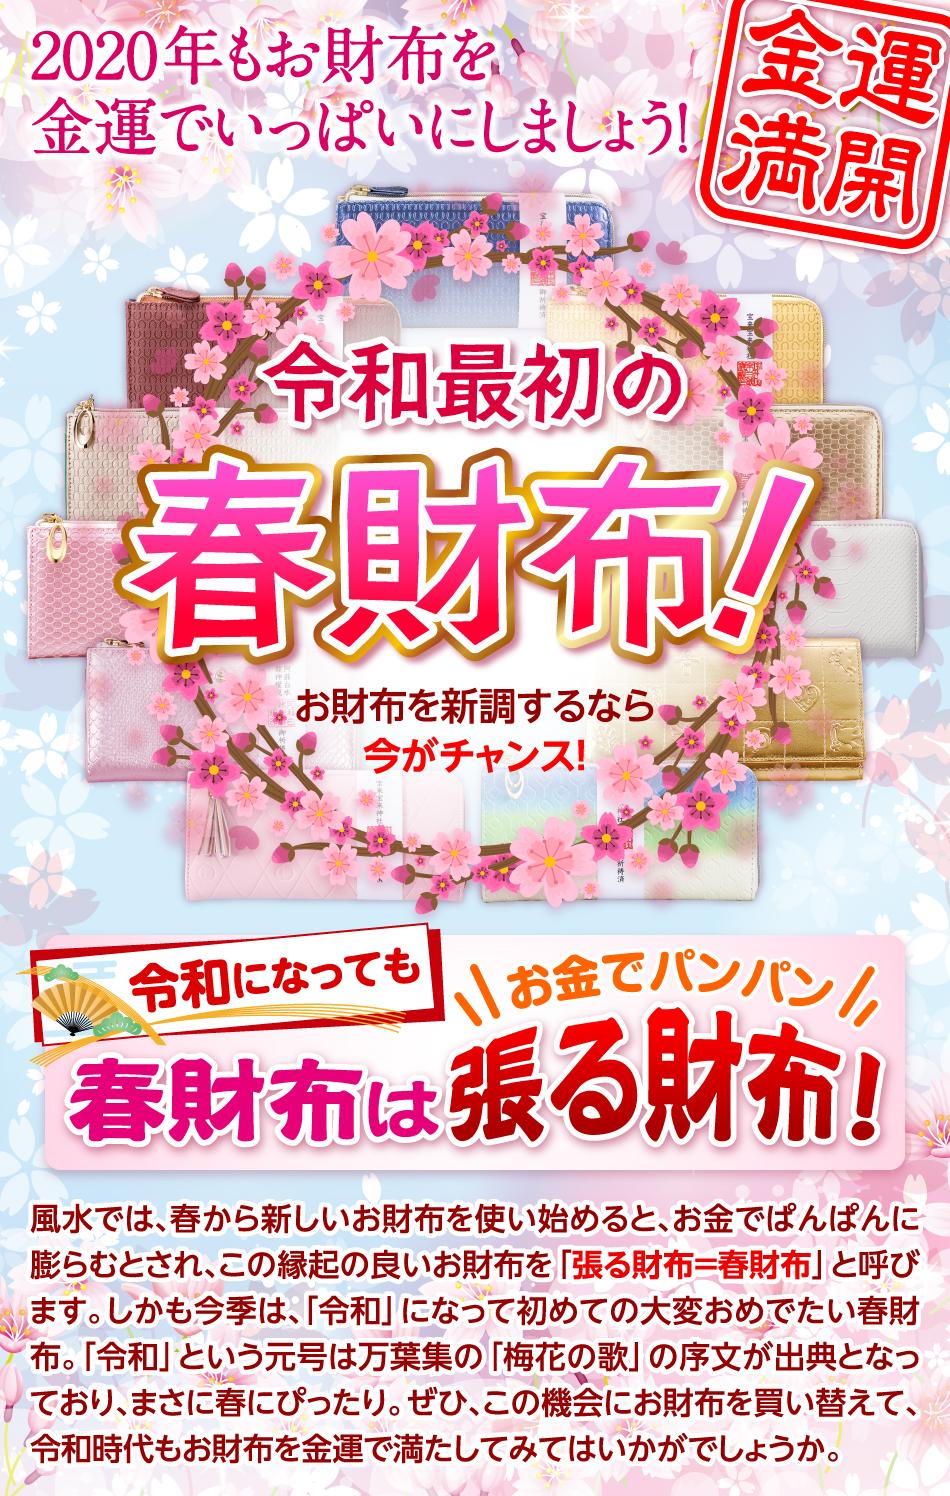 2020年もお財布を金運でいっぱいにしましょう!令和最初の春財布!